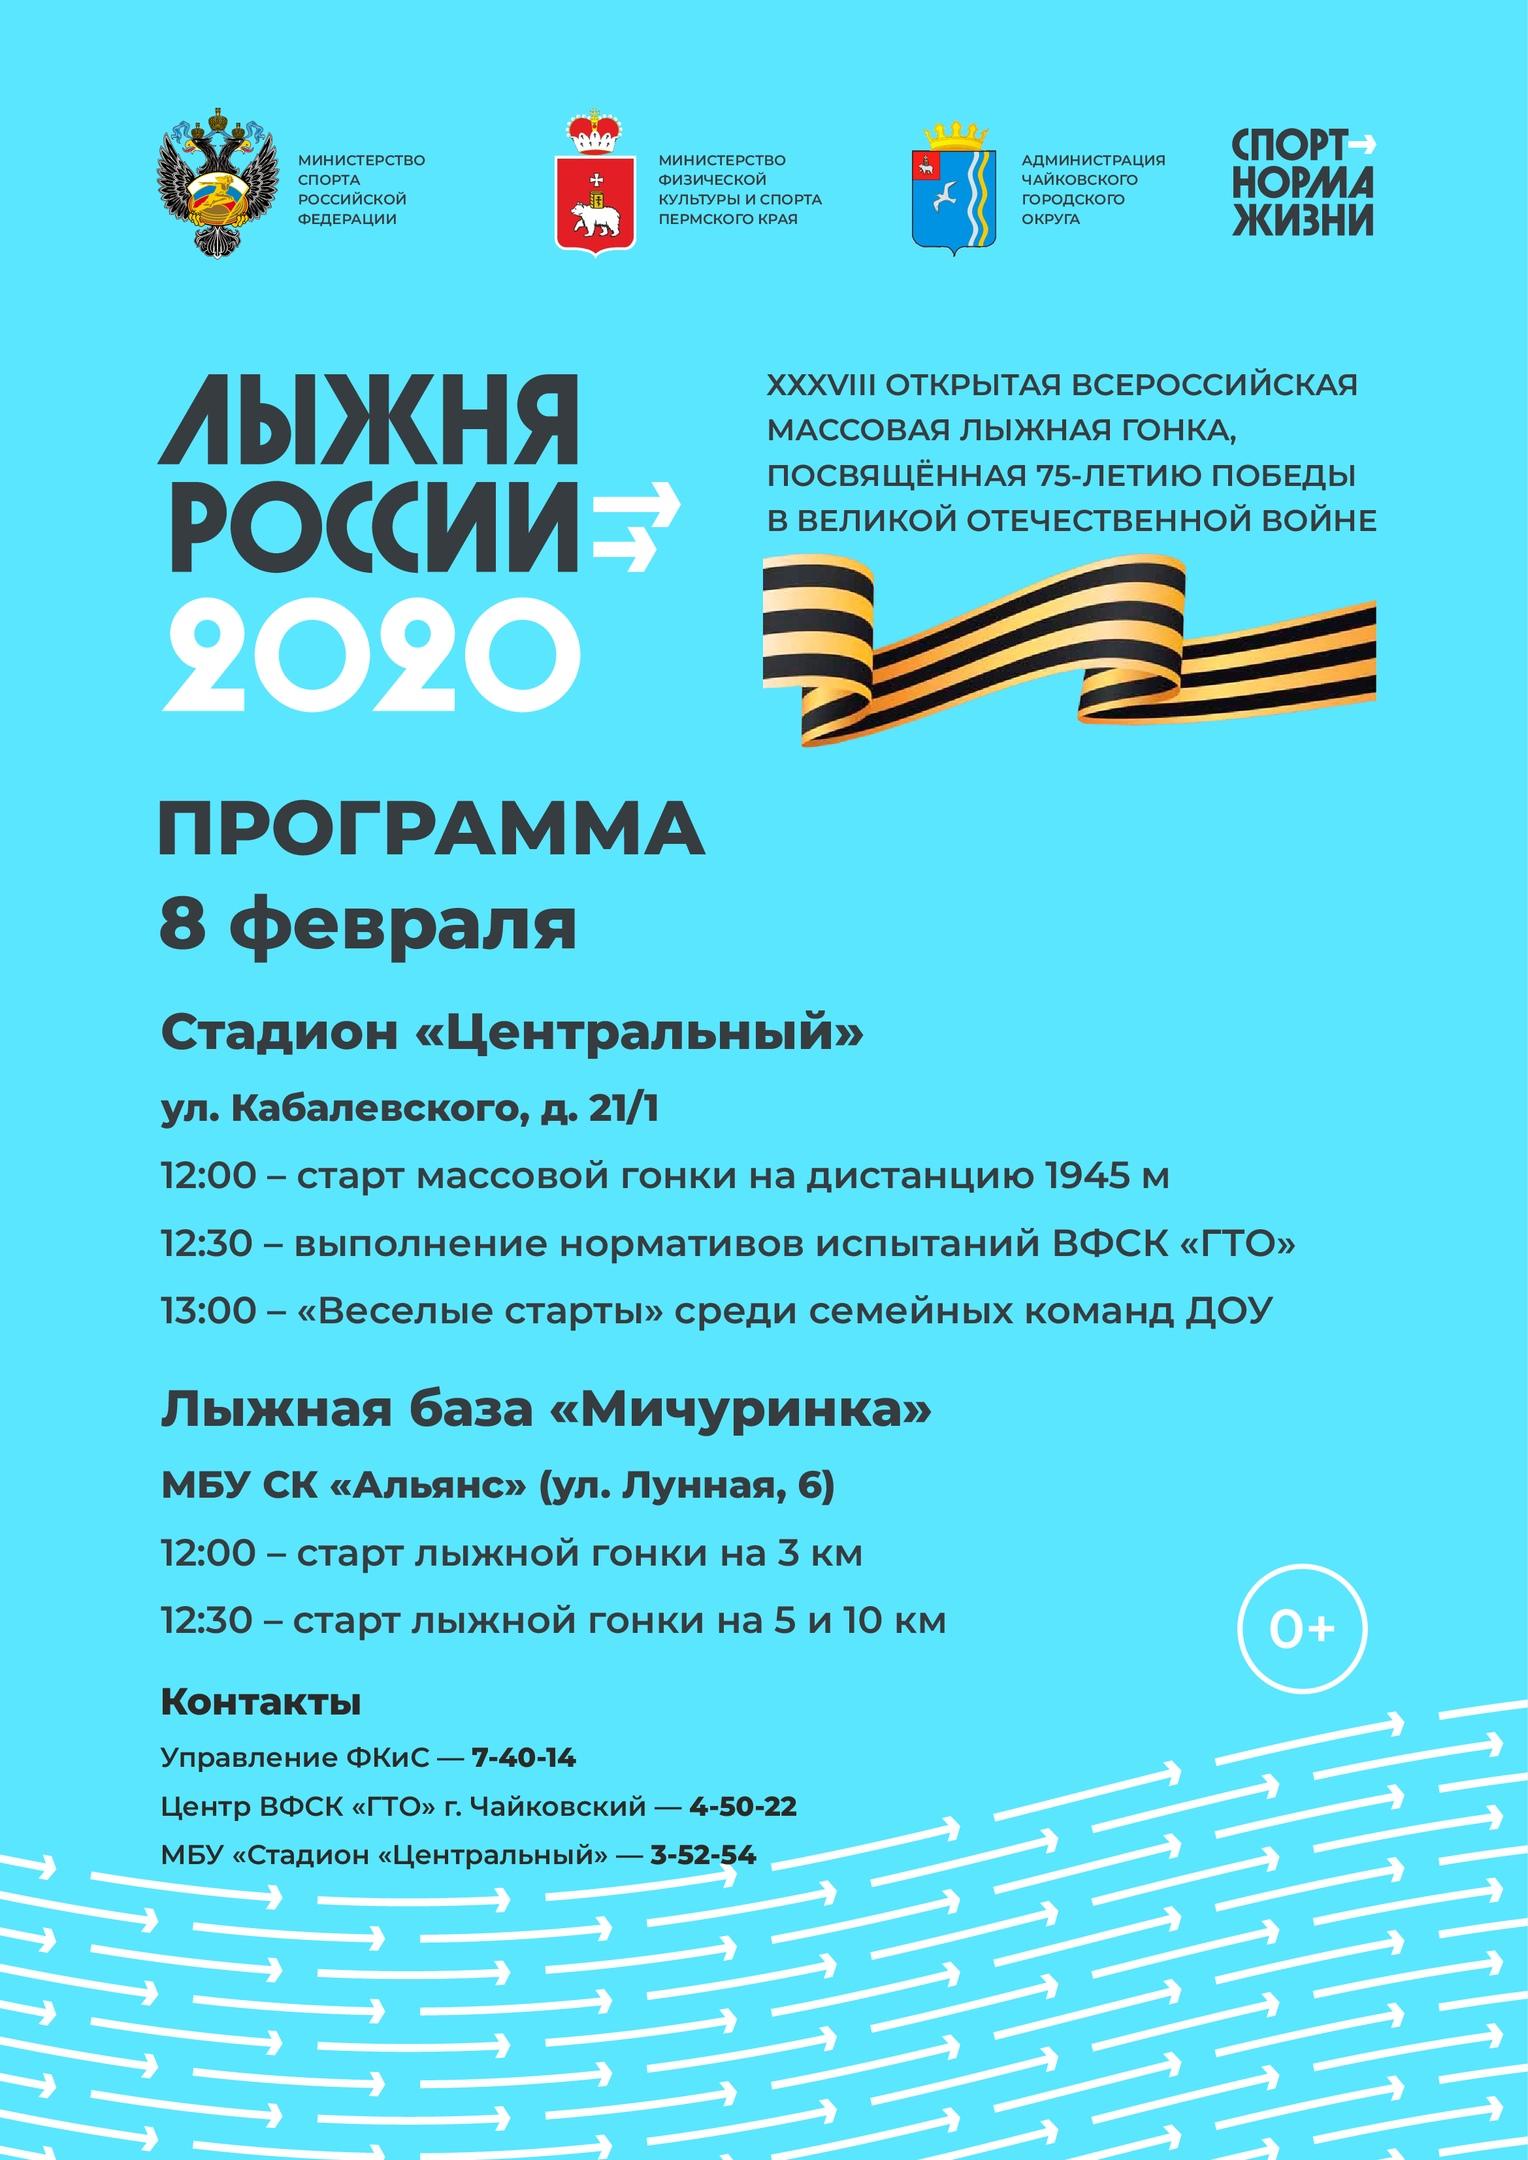 лыжня россии, афиша, чайковский район, 2020 год